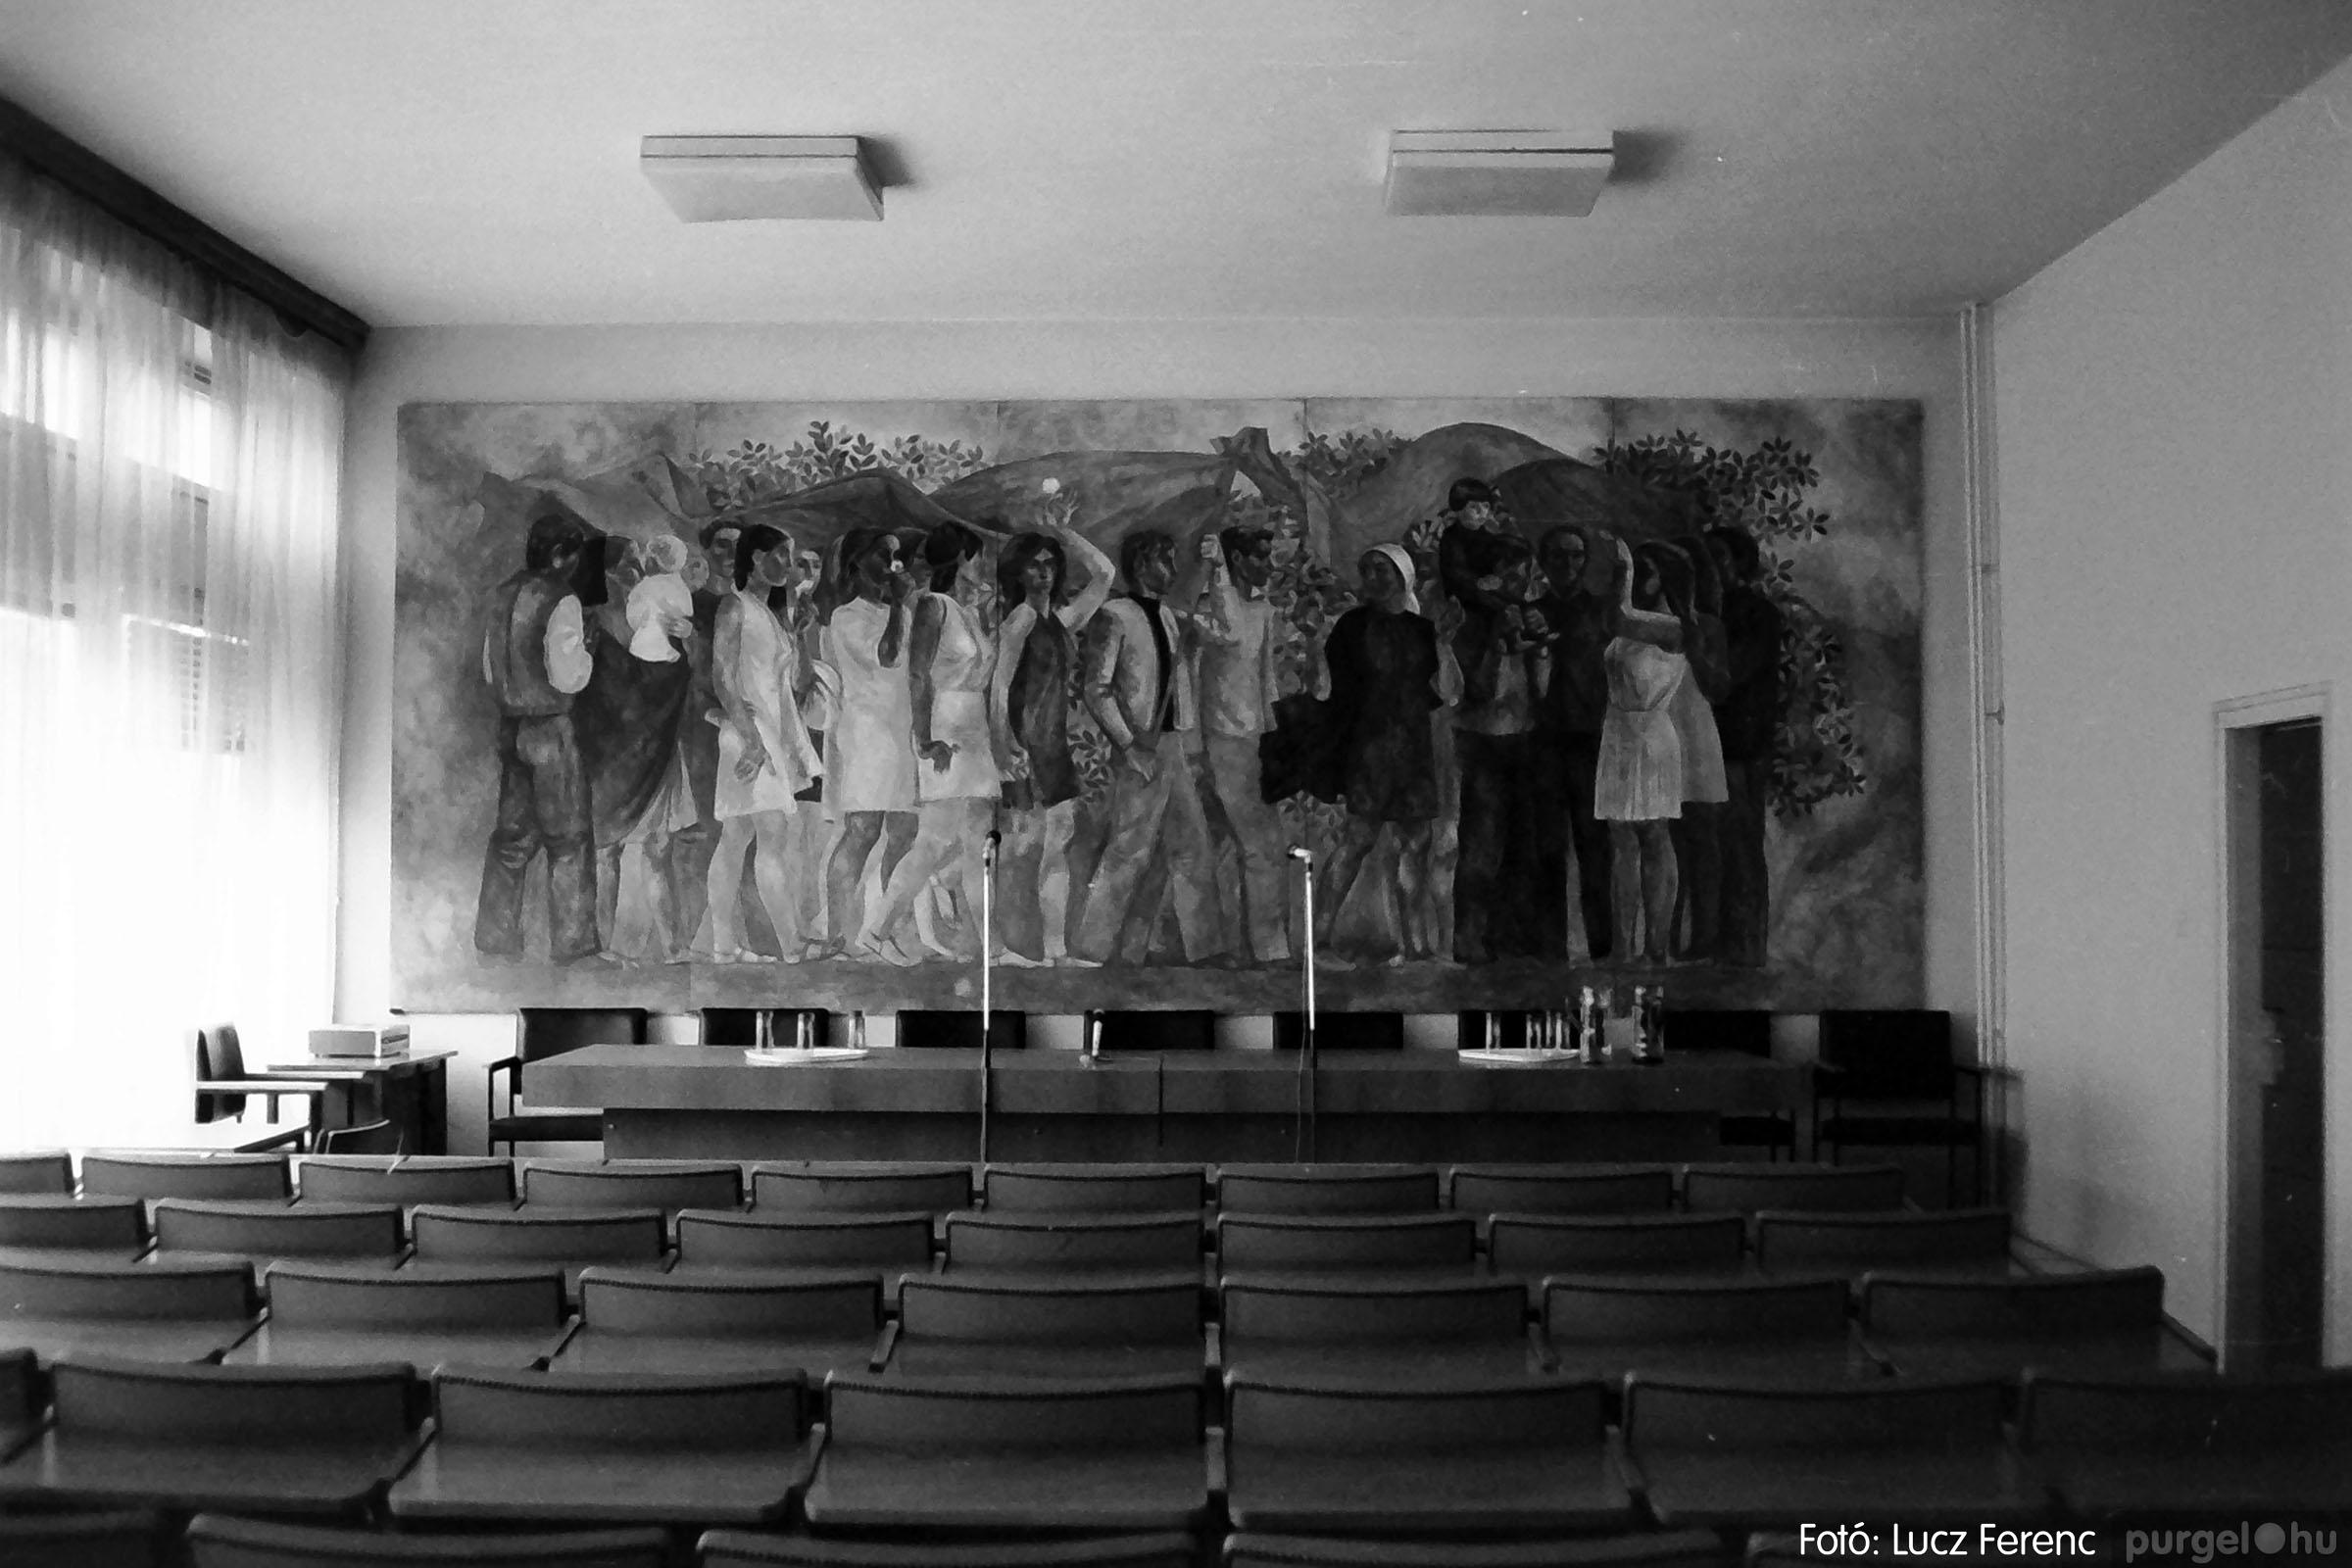 036. 1976. Tanácskozás a pártházban 006 - Fotó: Lucz Ferenc.jpg